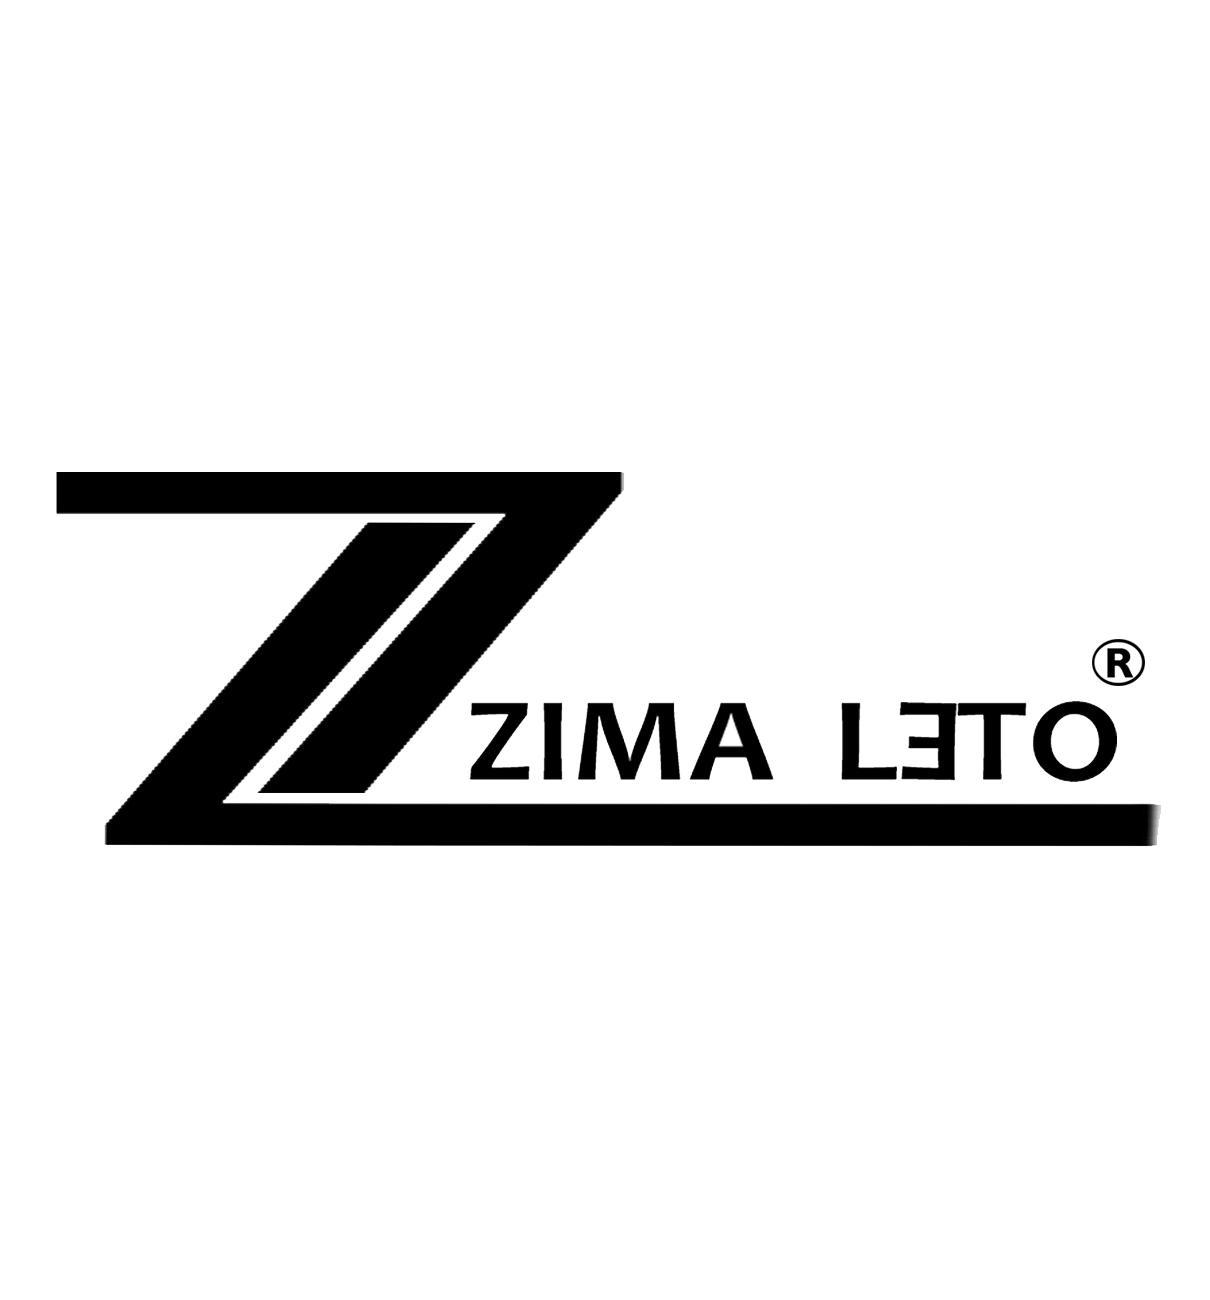 ZIMA LETO